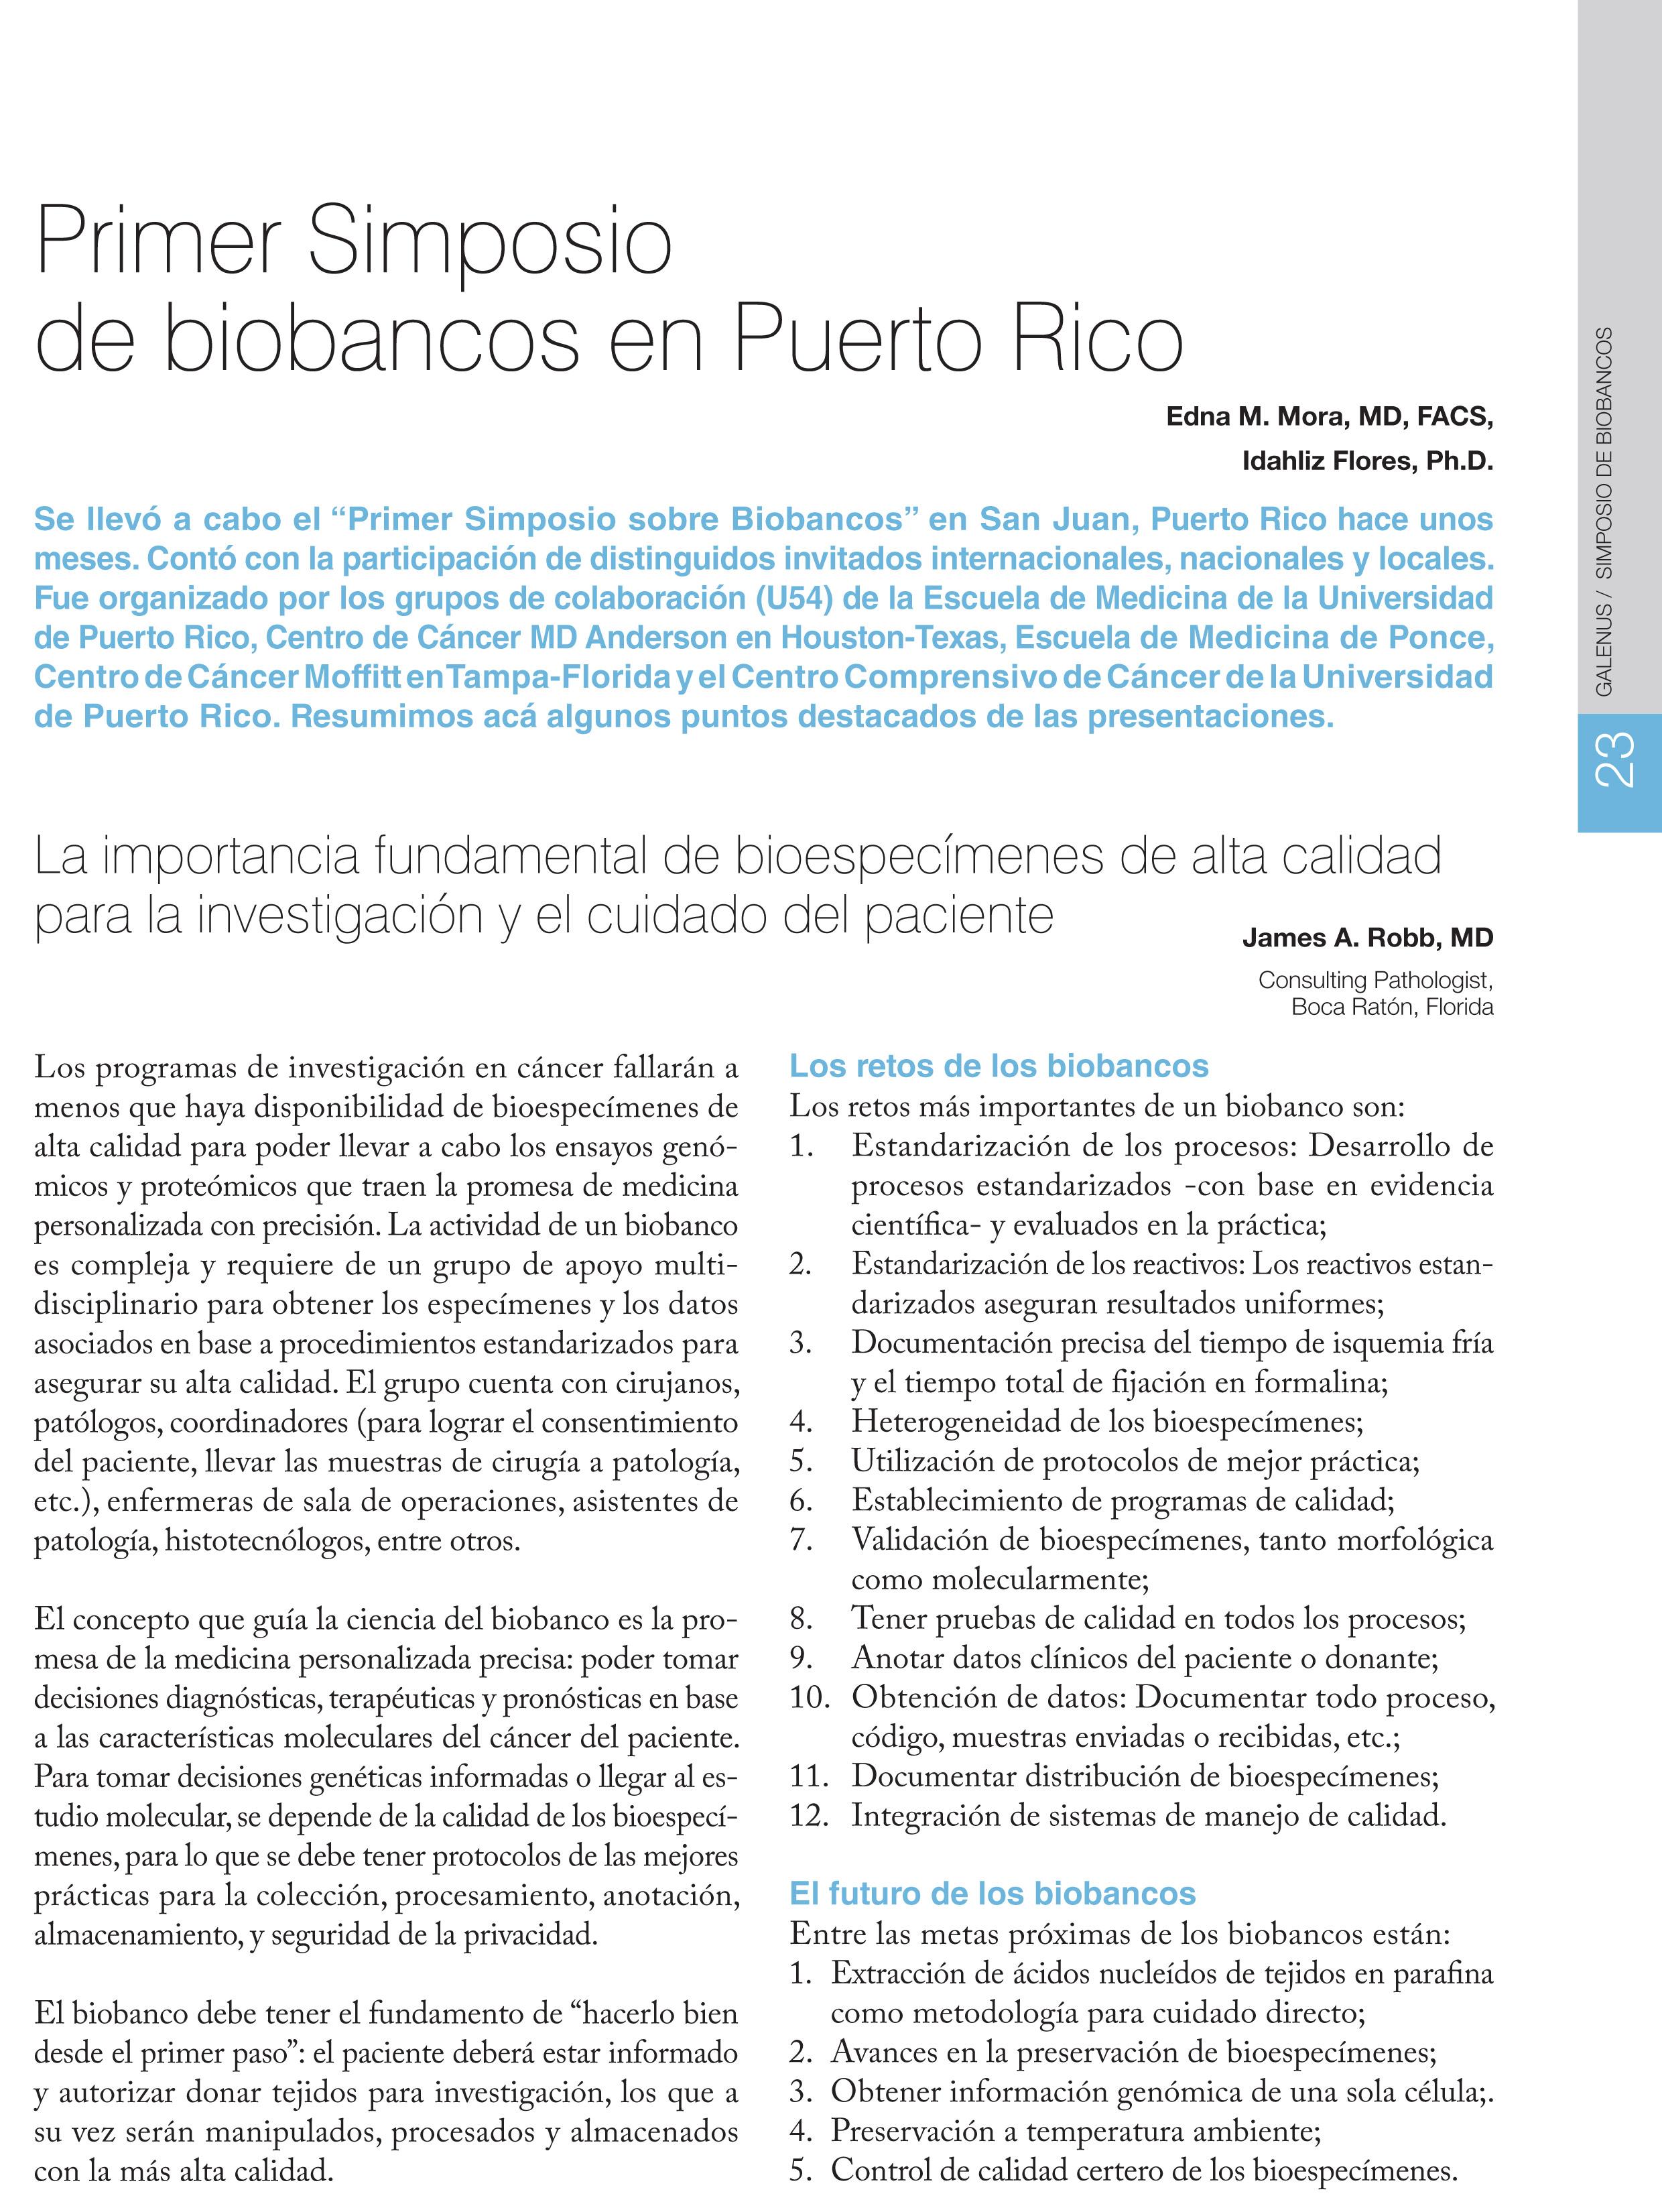 Primer Simposio de biobancos en Puerto Rico